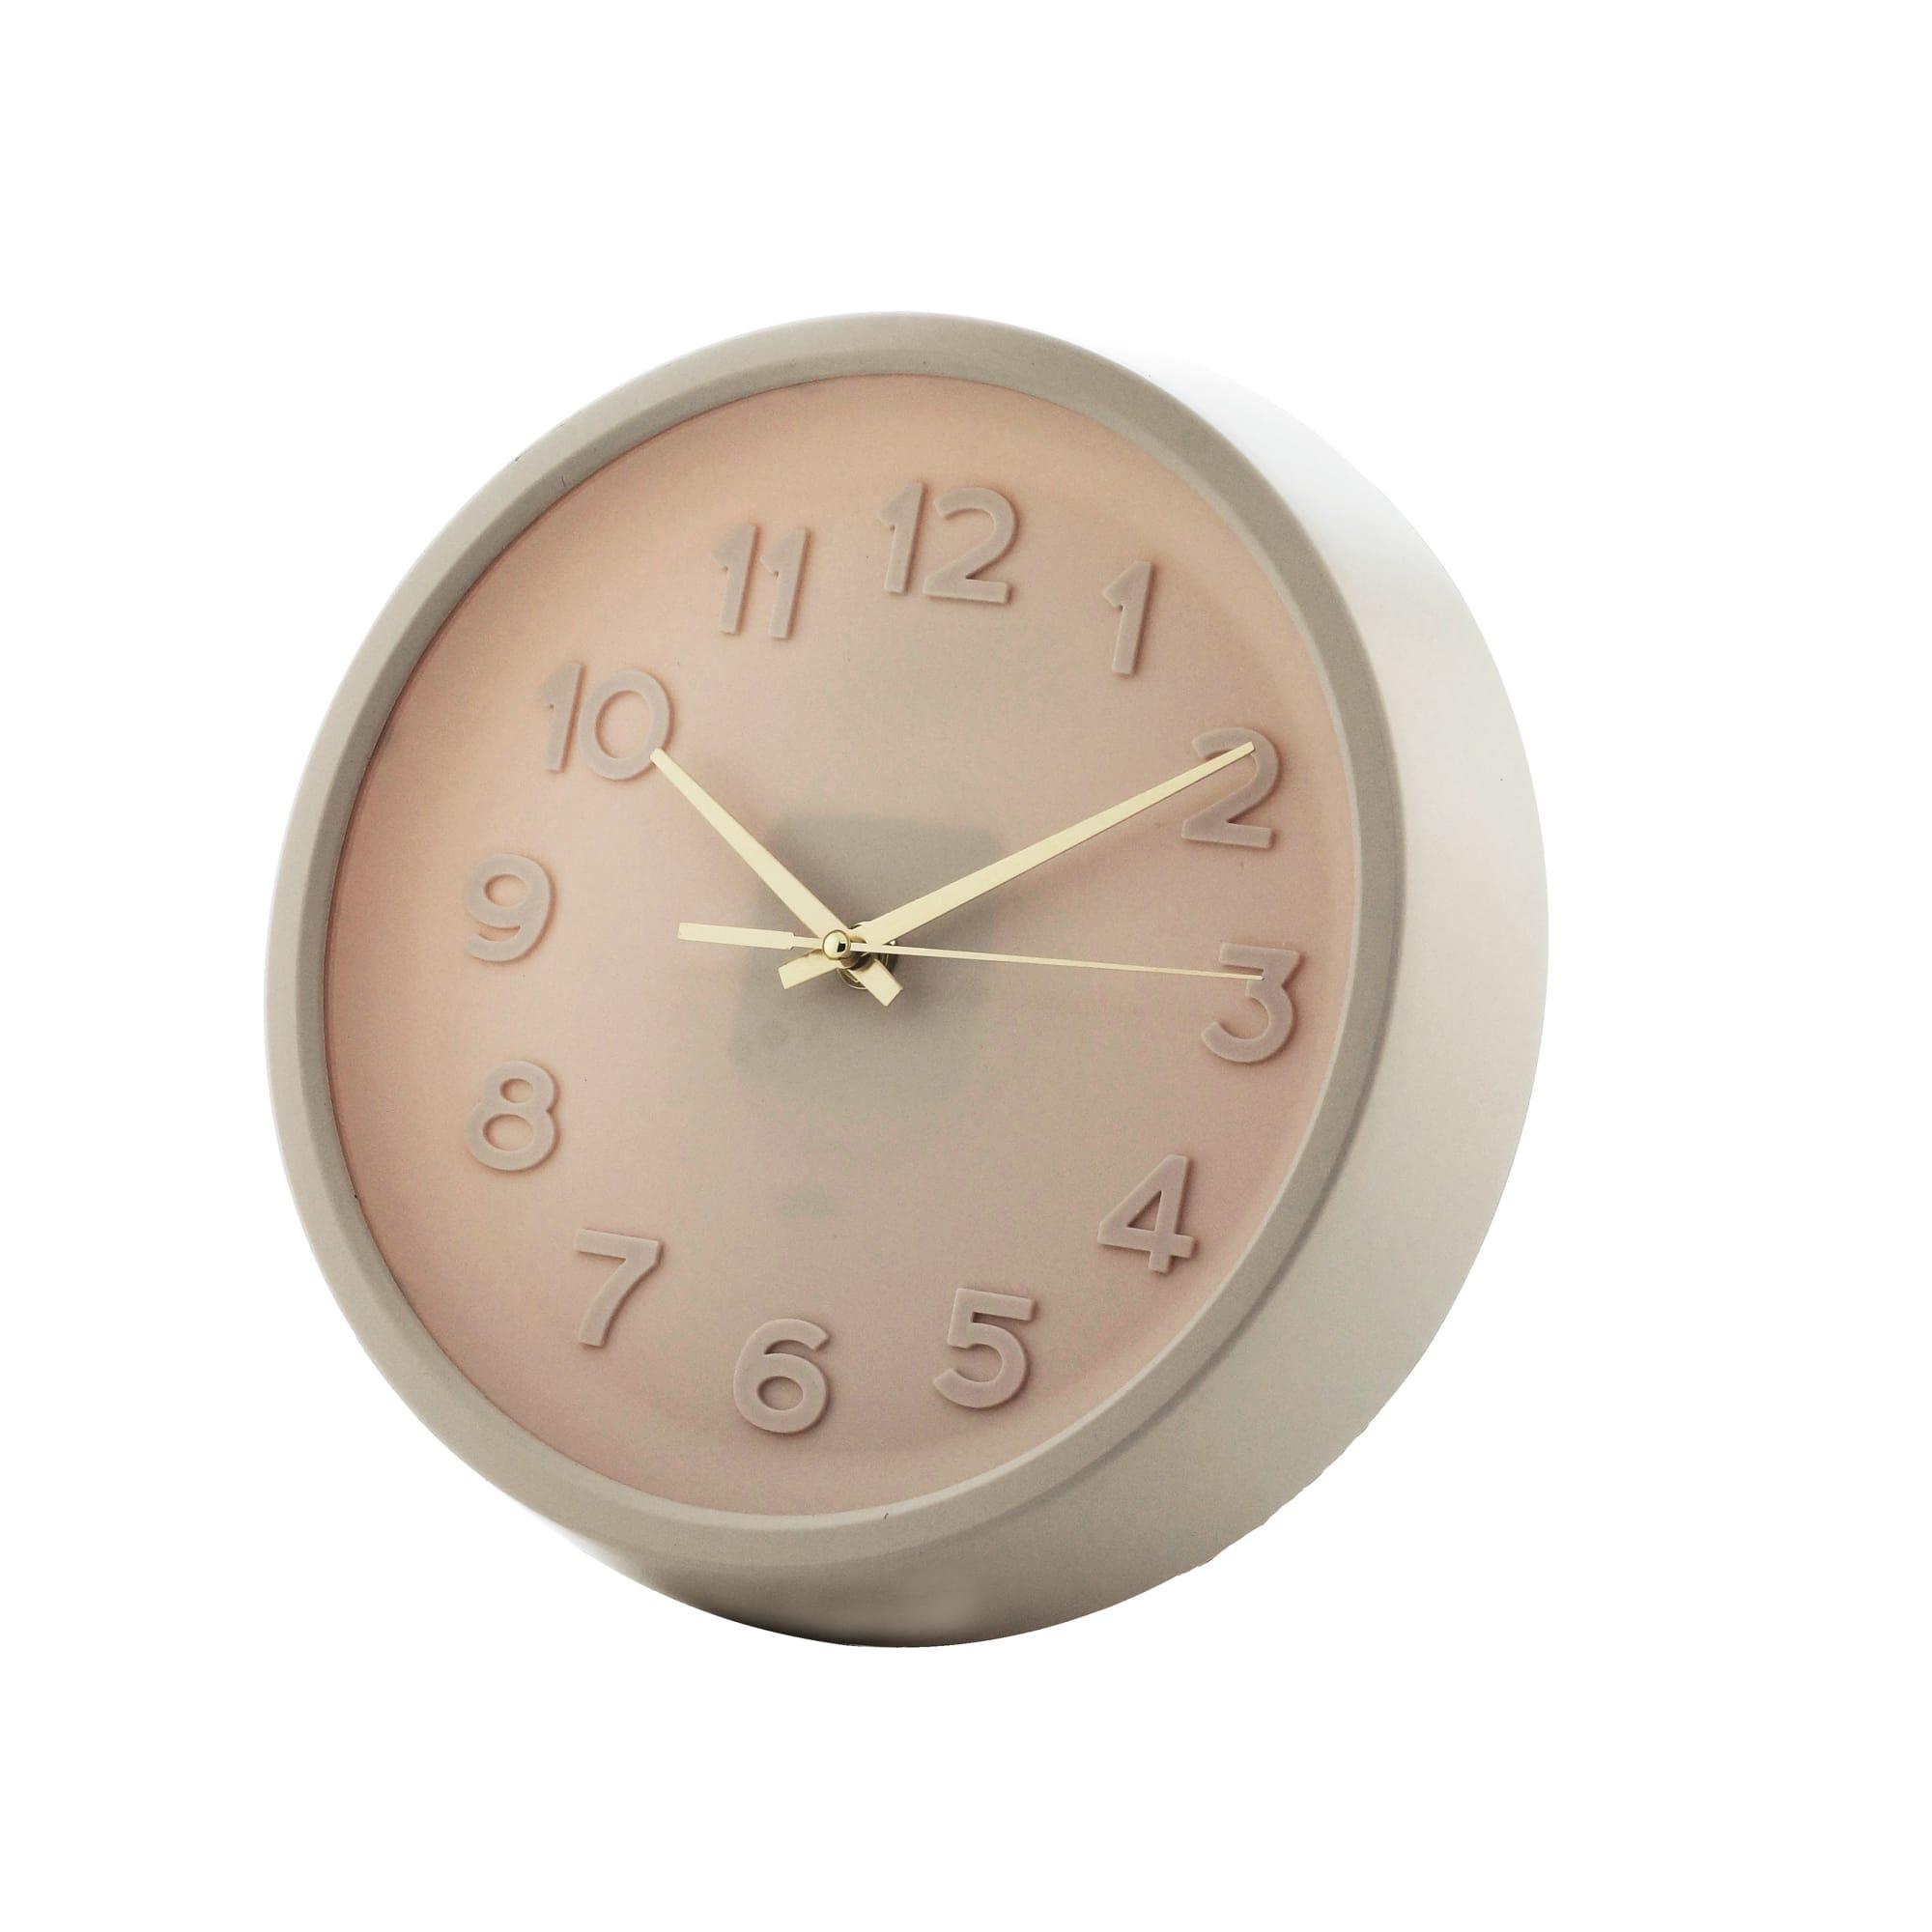 Relógio de Parede Pu Bold Numbers Rosa e Cobre  27 x 27 x 5 cm